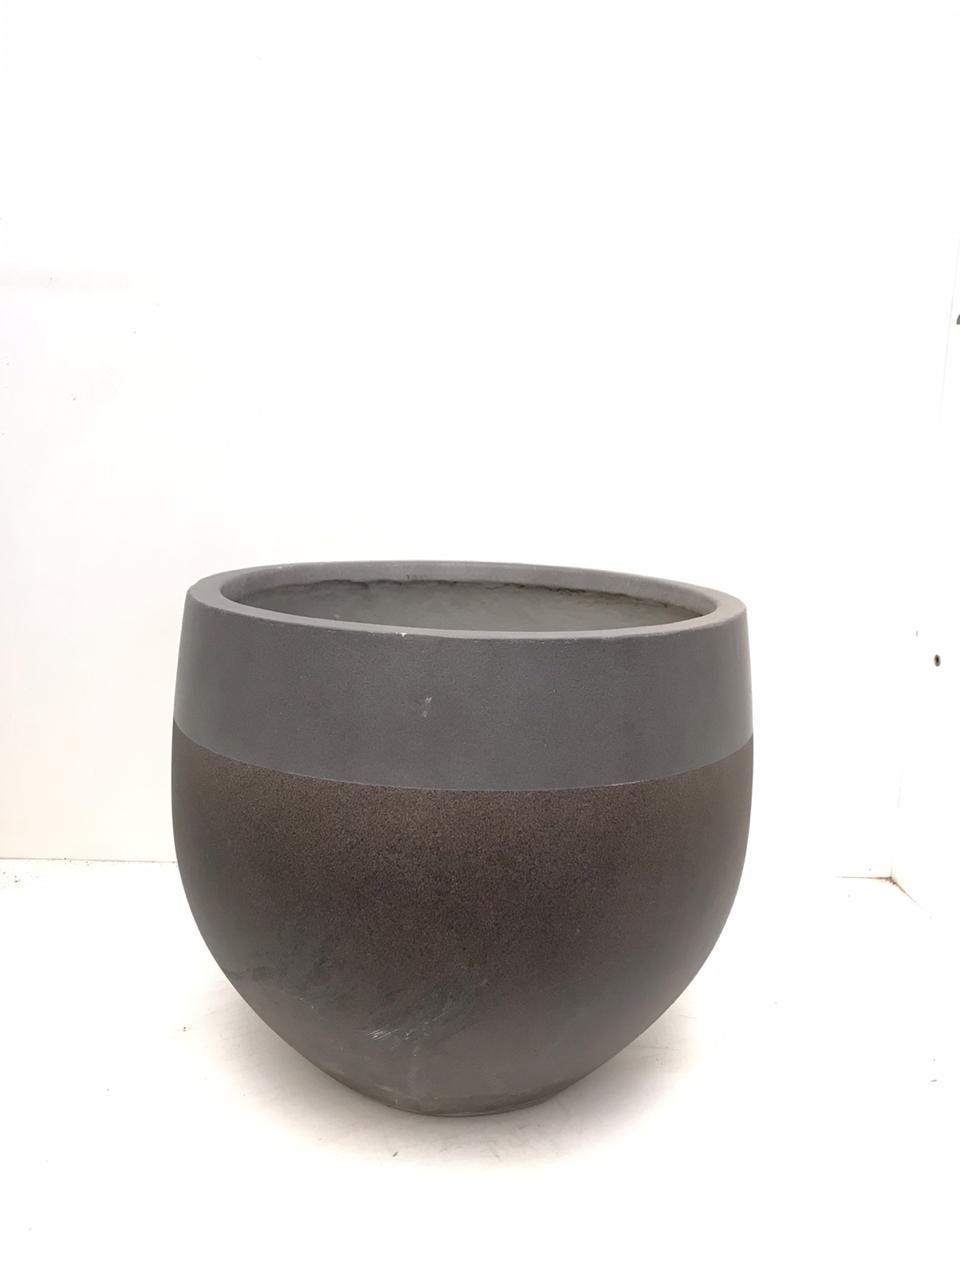 وعاء دائري بلونين - كبير 'أواني و مزهريات'